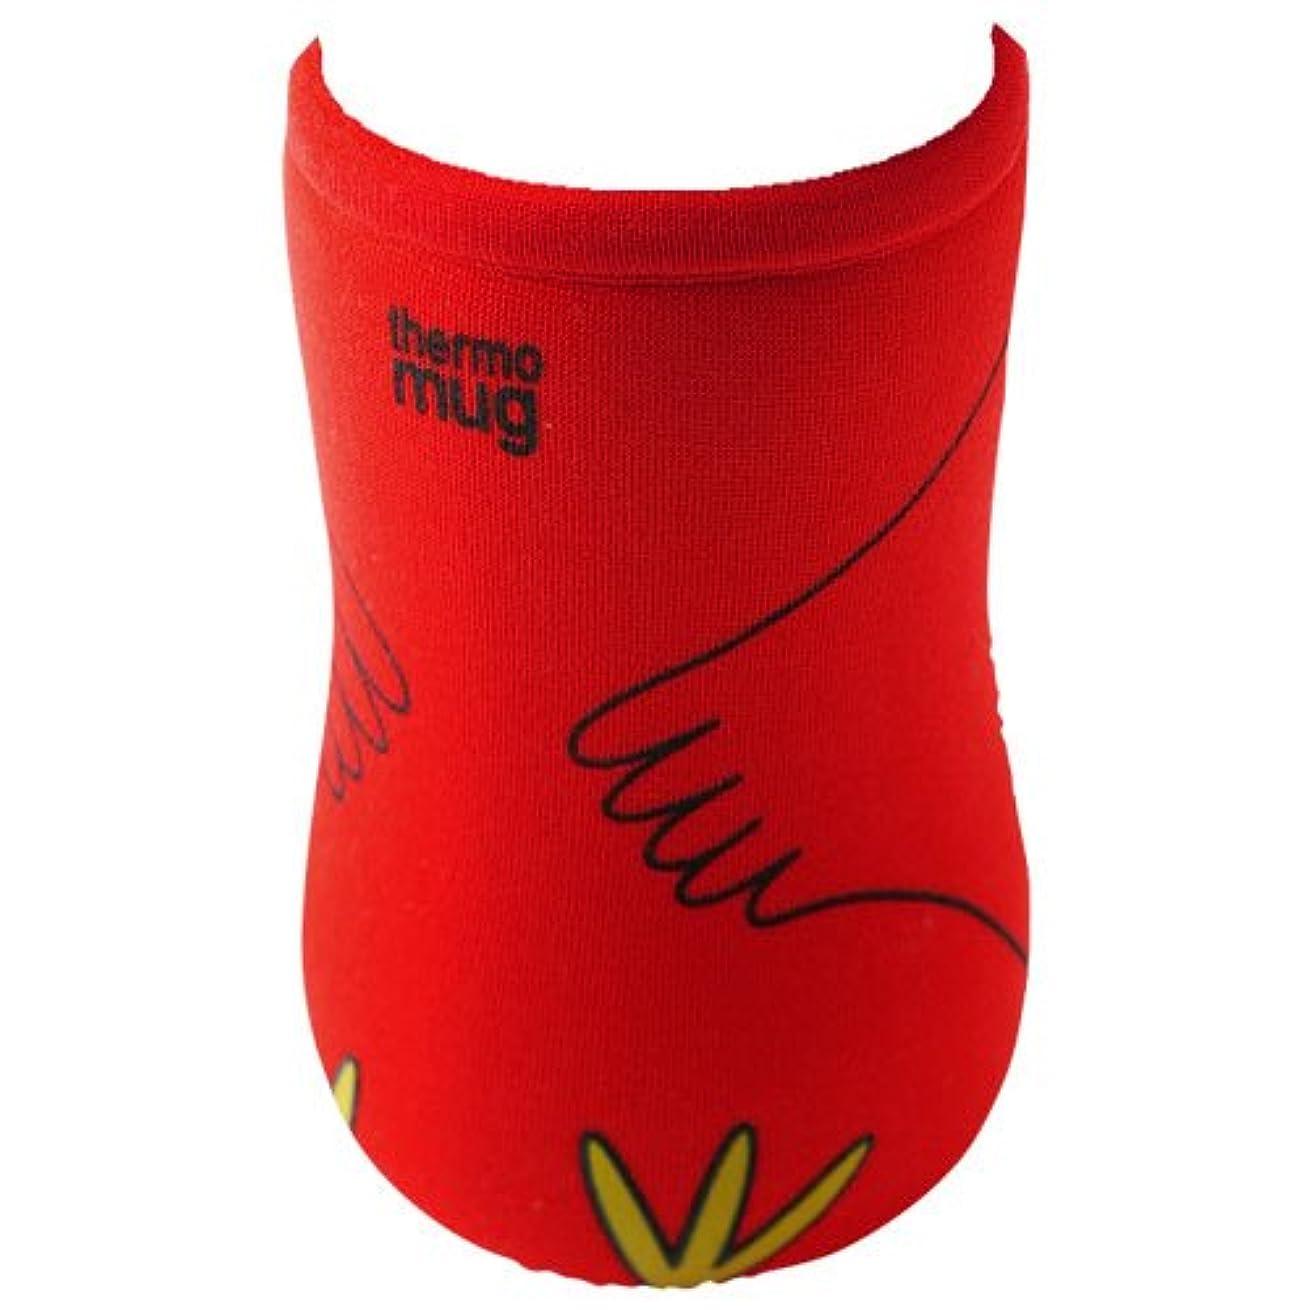 thermo mug(サーモマグ) アニマルボトル用交換カバーケース  レッド(トリ)